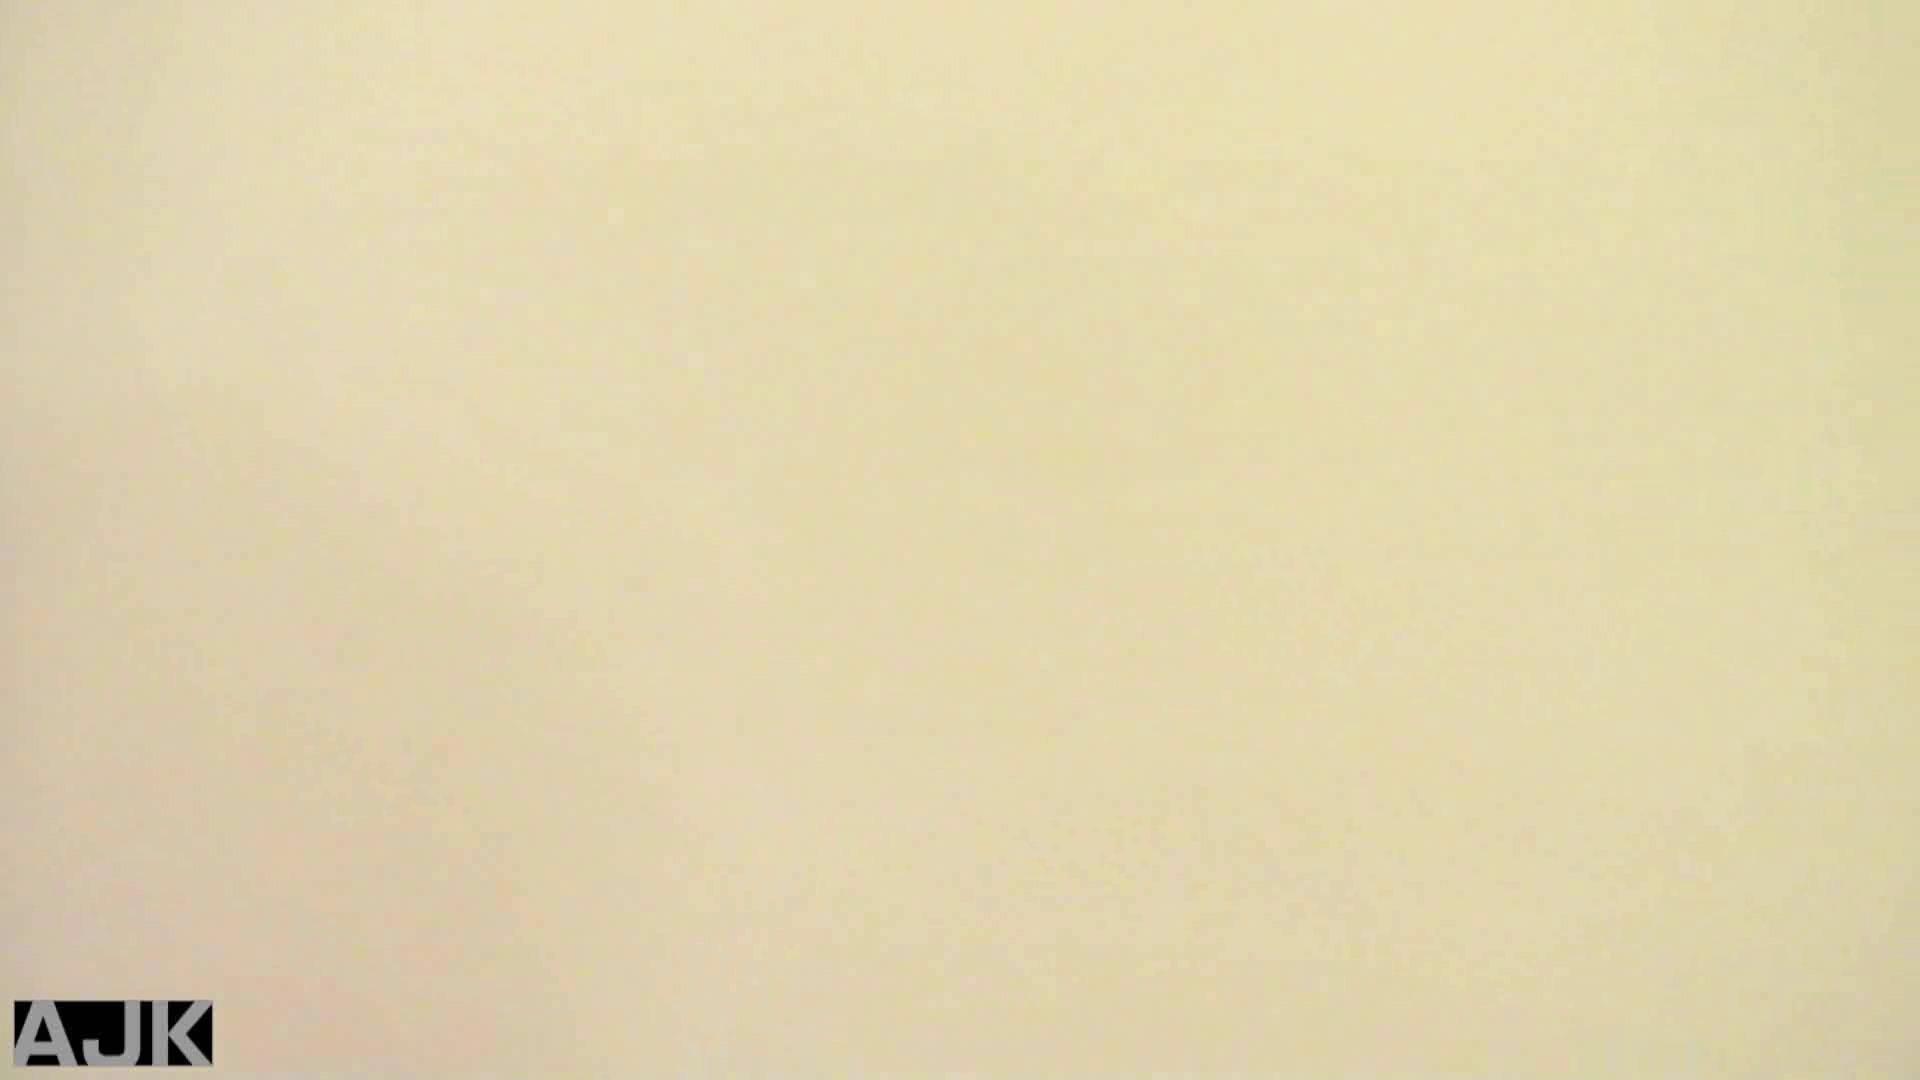 神降臨!史上最強の潜入かわや! vol.26 マンコエロすぎ オメコ無修正動画無料 103PIX 99